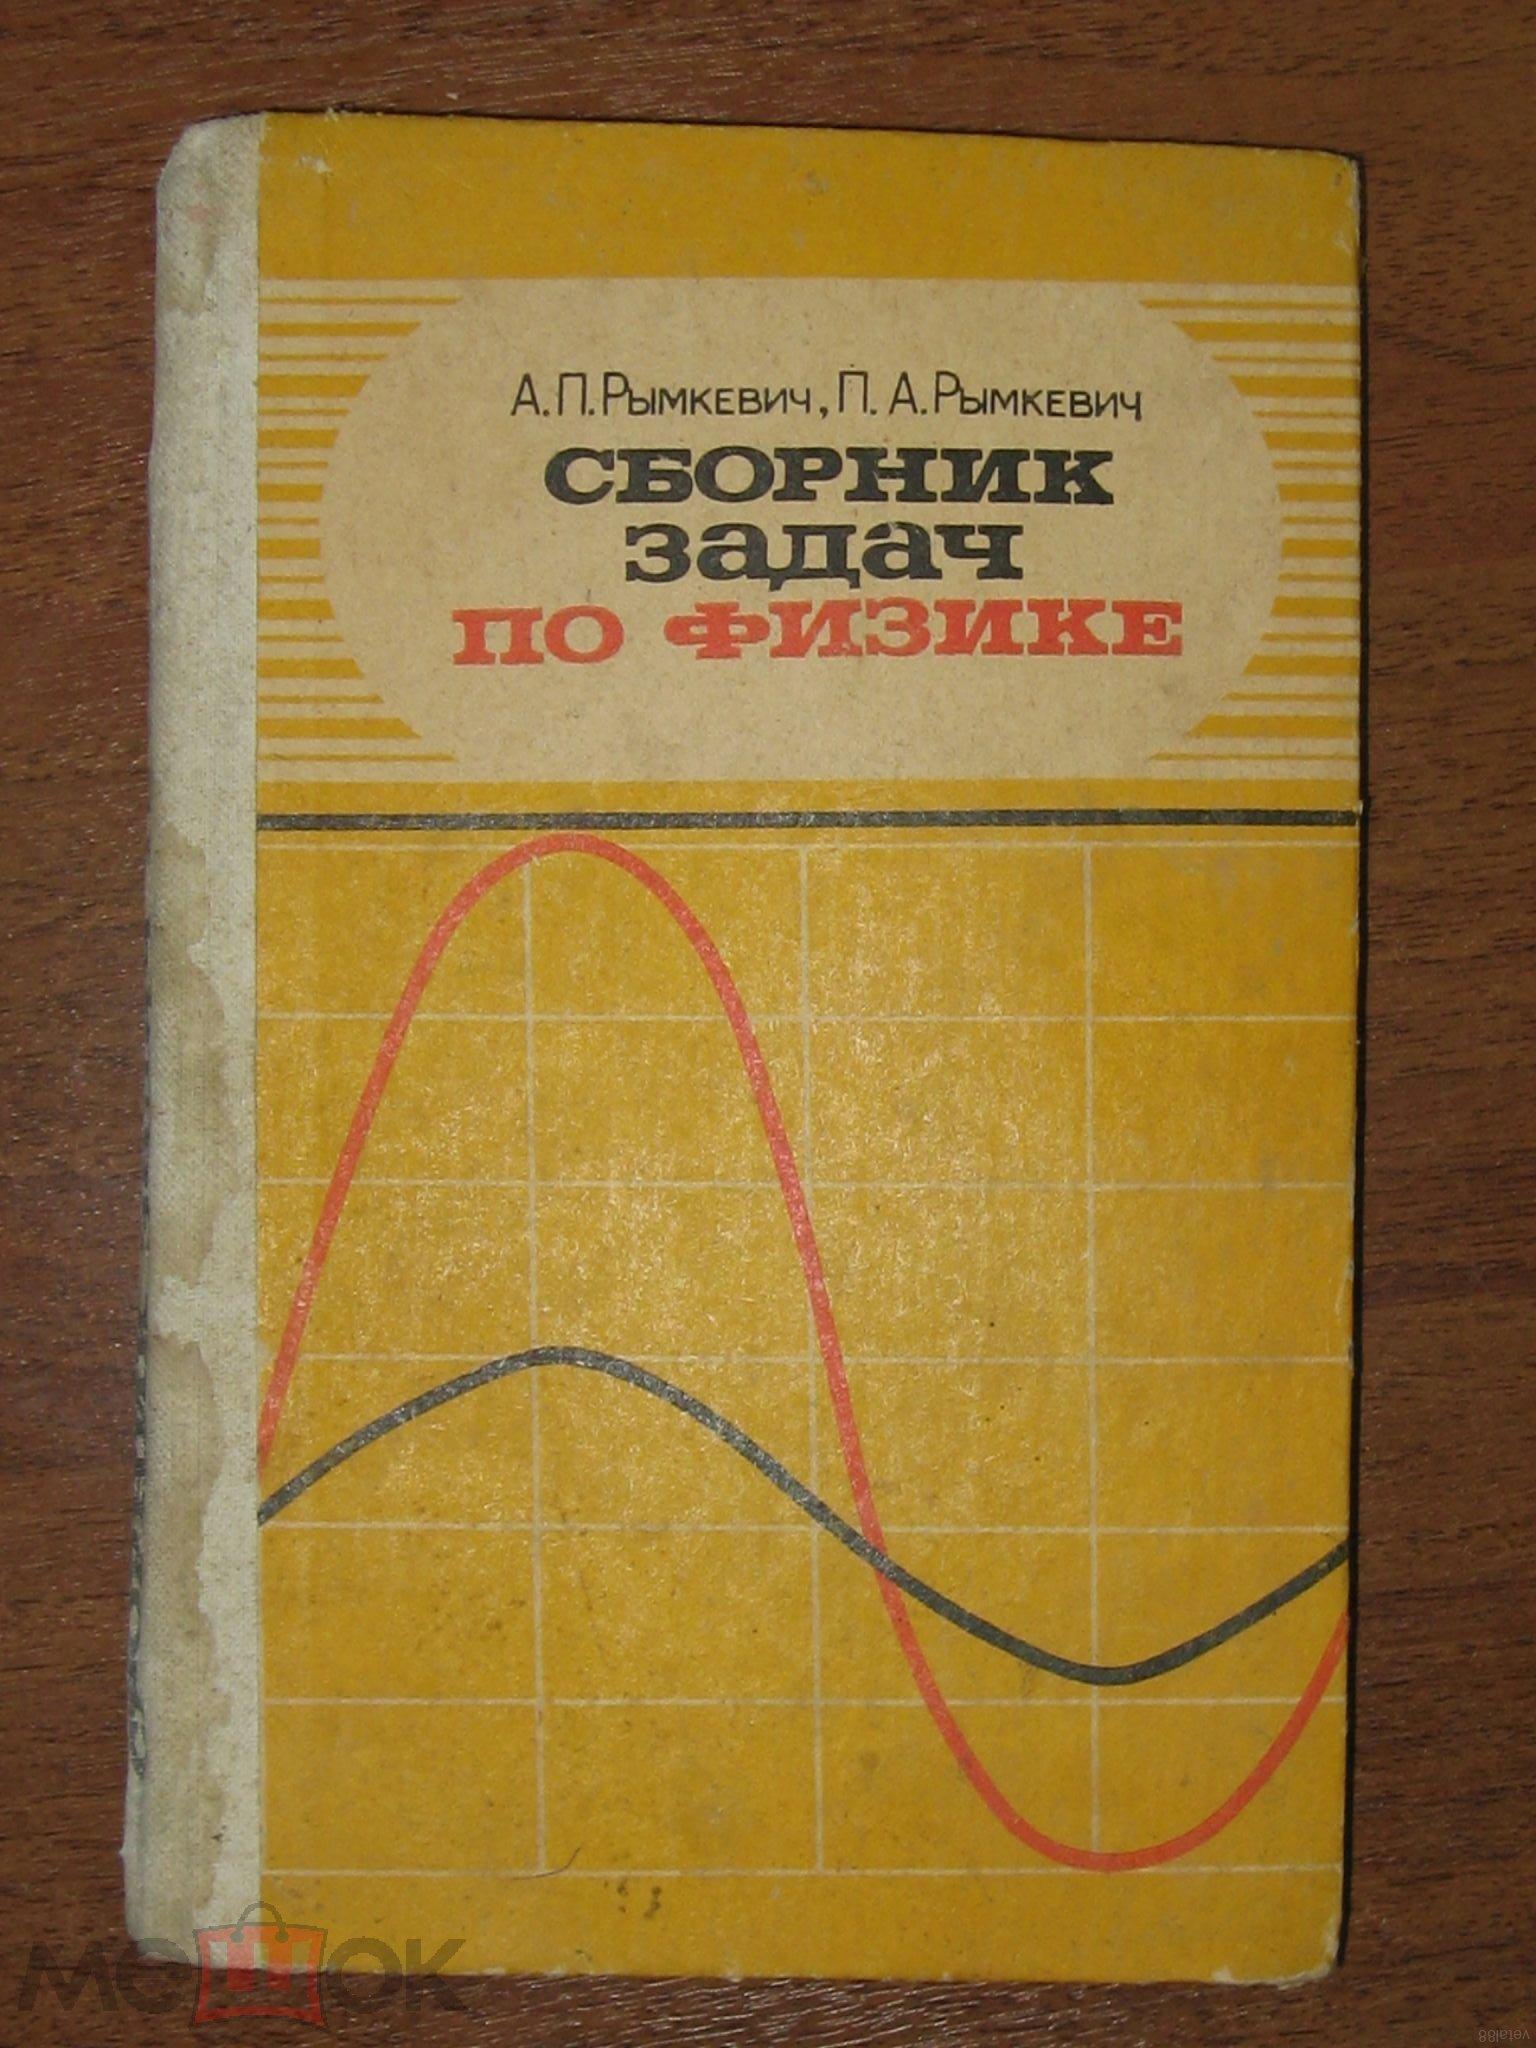 гдз по физике рымкевич 8 10 класс